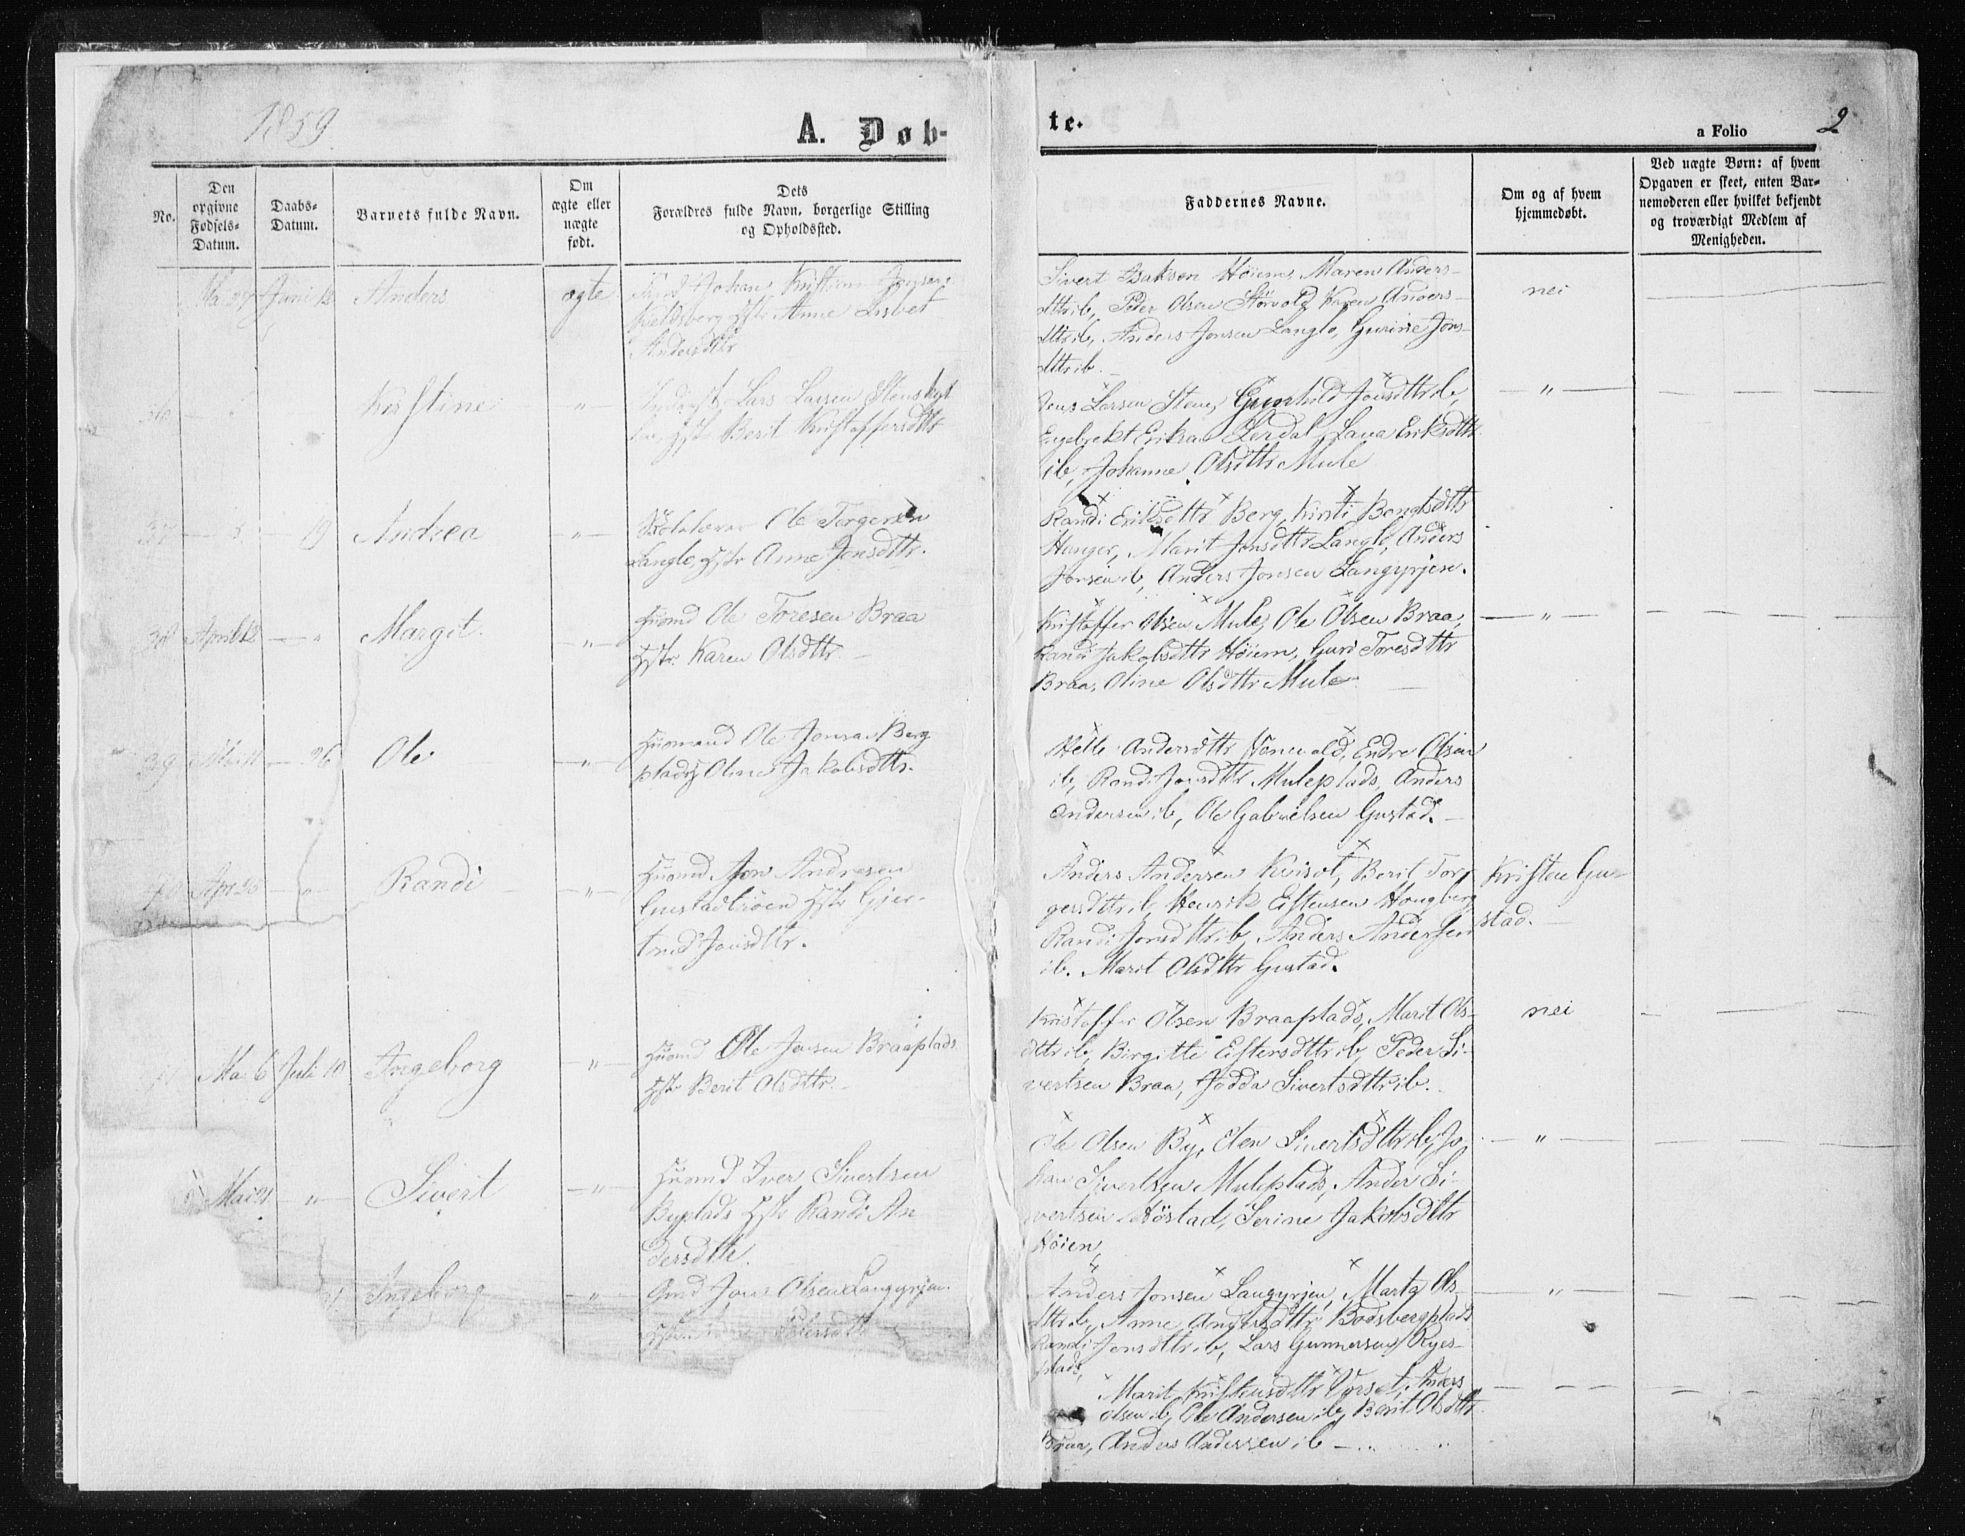 SAT, Ministerialprotokoller, klokkerbøker og fødselsregistre - Sør-Trøndelag, 612/L0377: Ministerialbok nr. 612A09, 1859-1877, s. 2